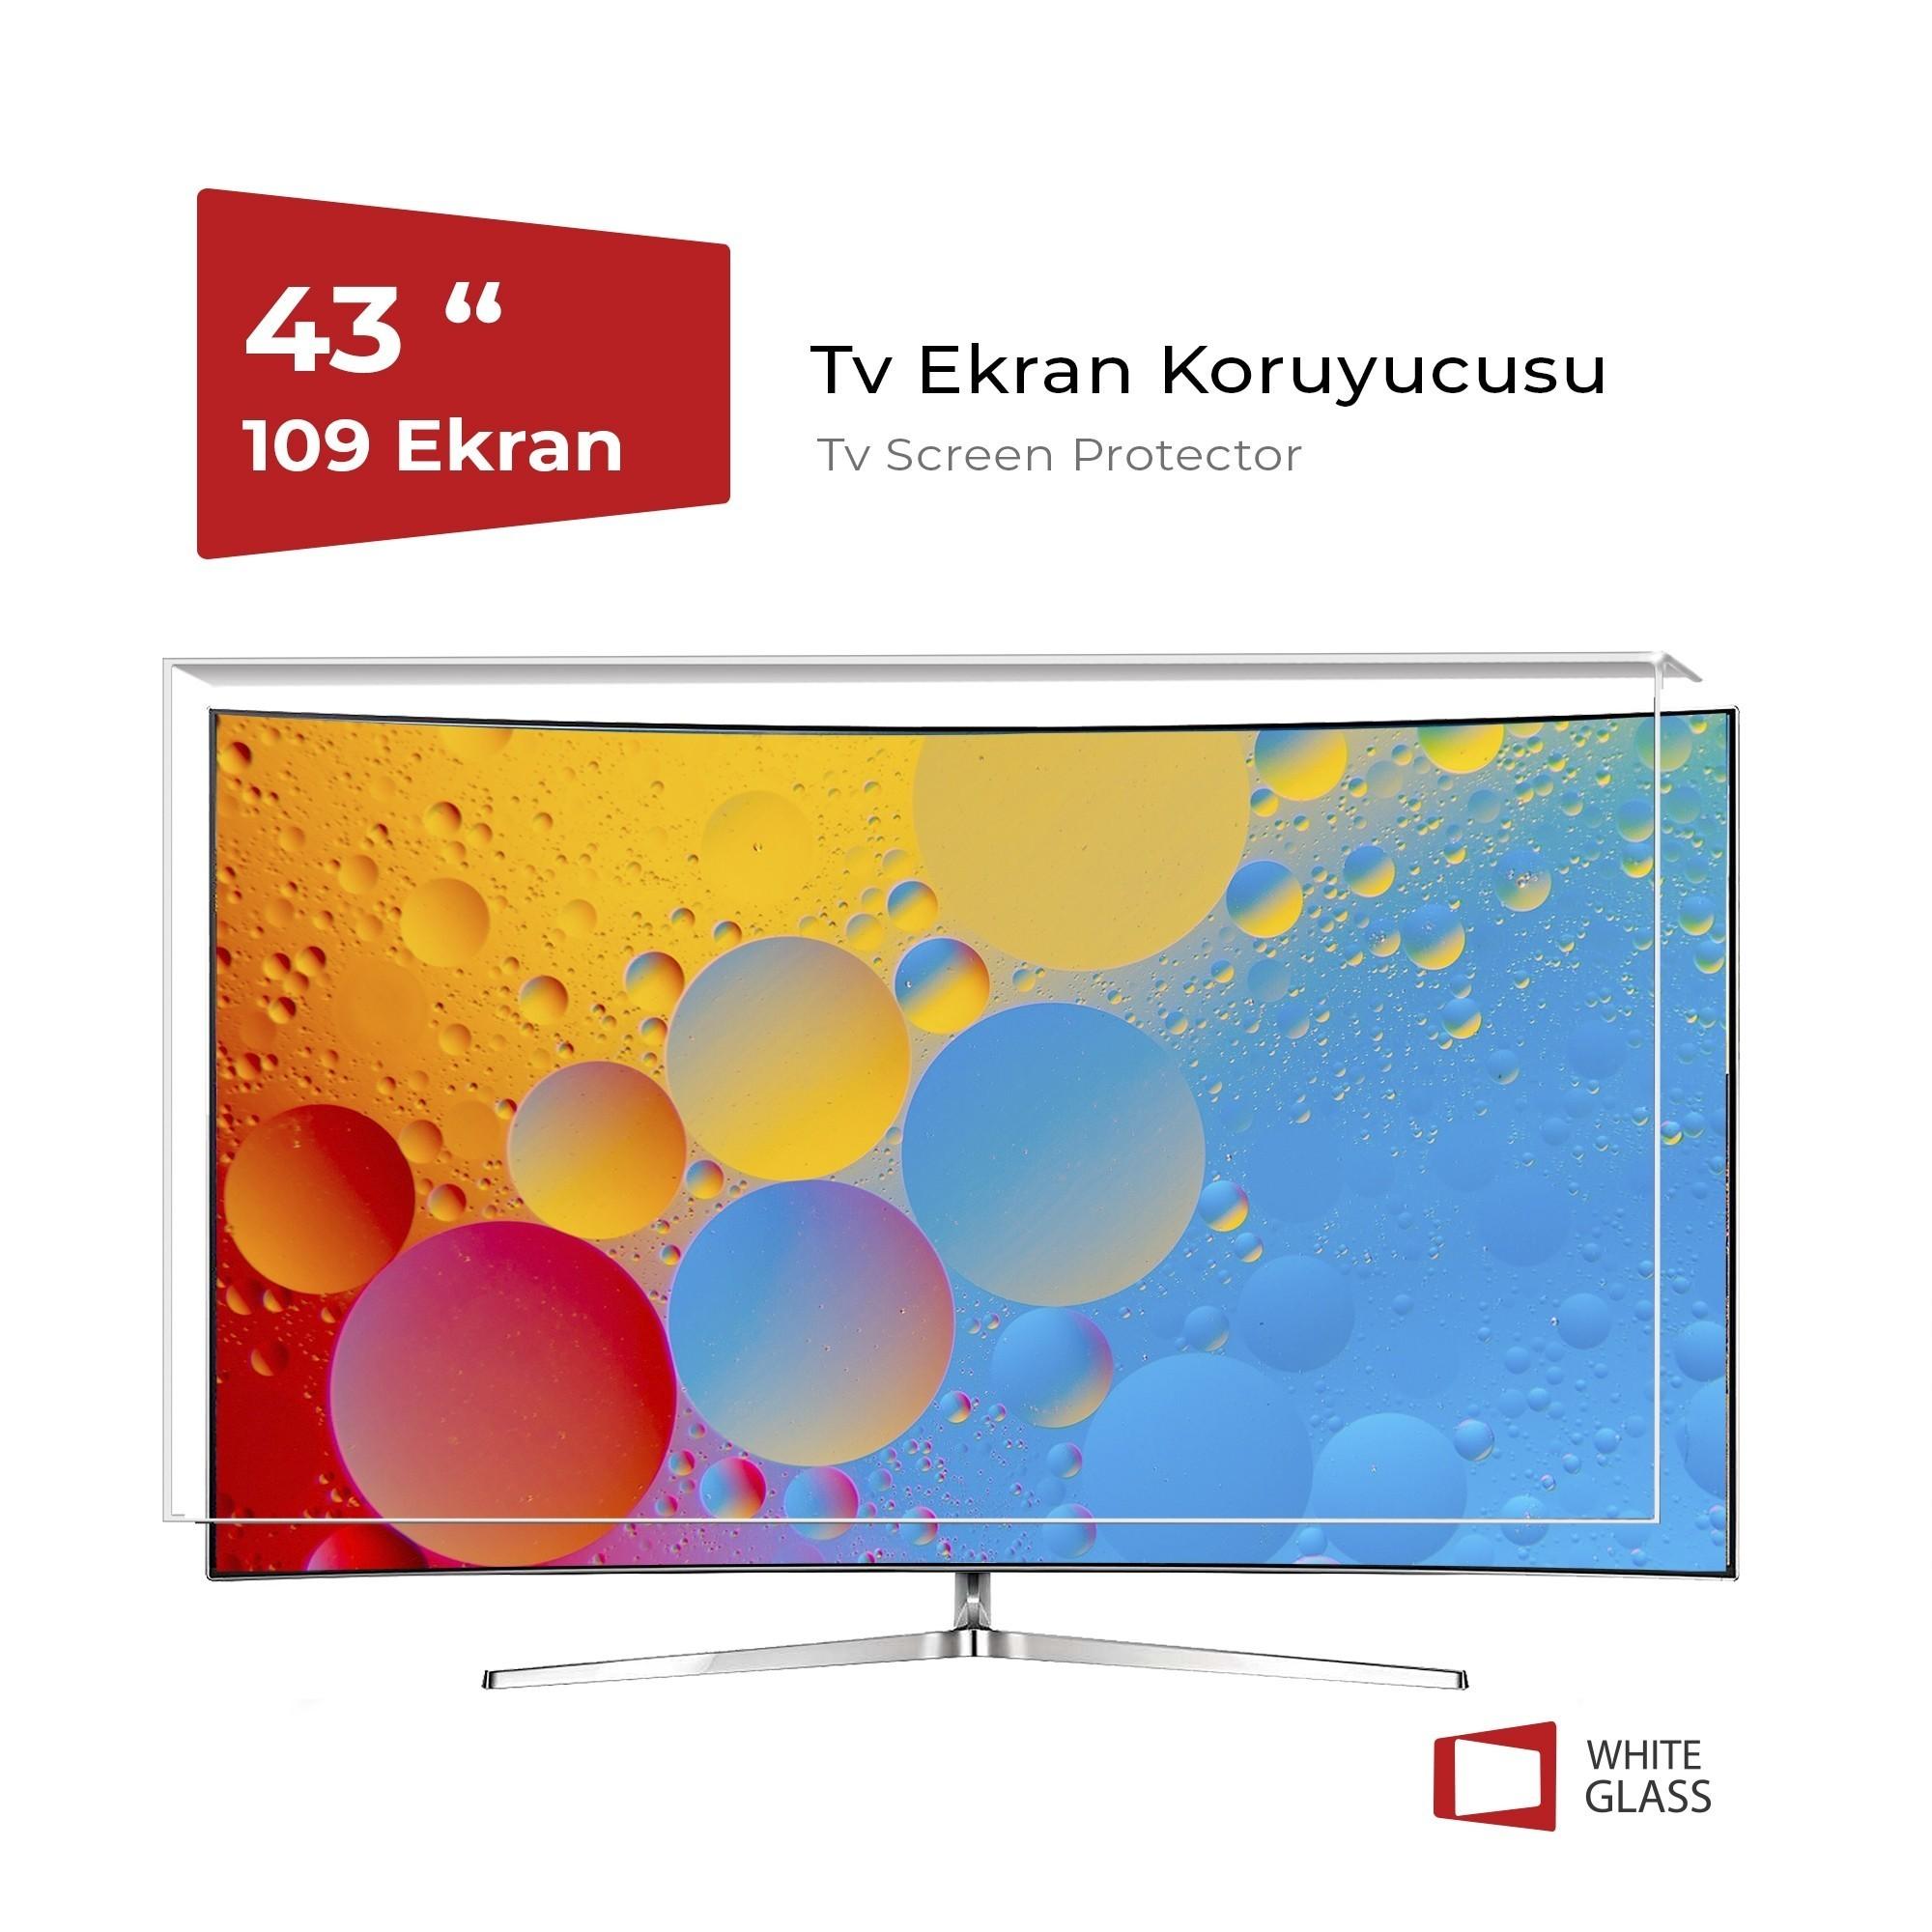 Tv Ekran Koruma Camı